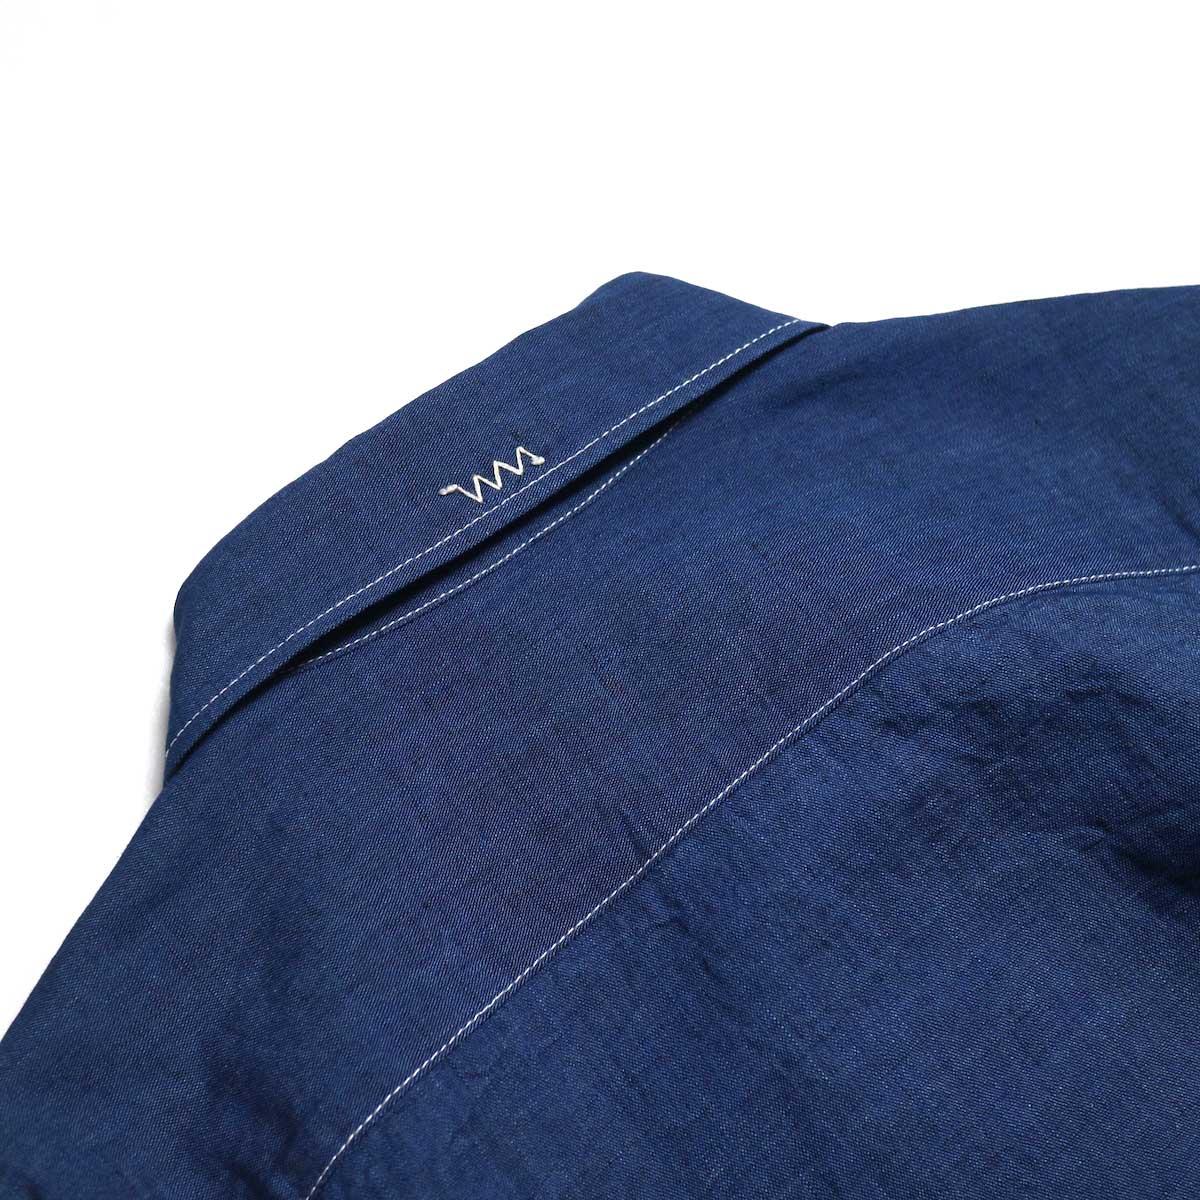 visvim / ALBACORE JUMBO SHIRT L/S (LUXSIC) -Navy 刺繍